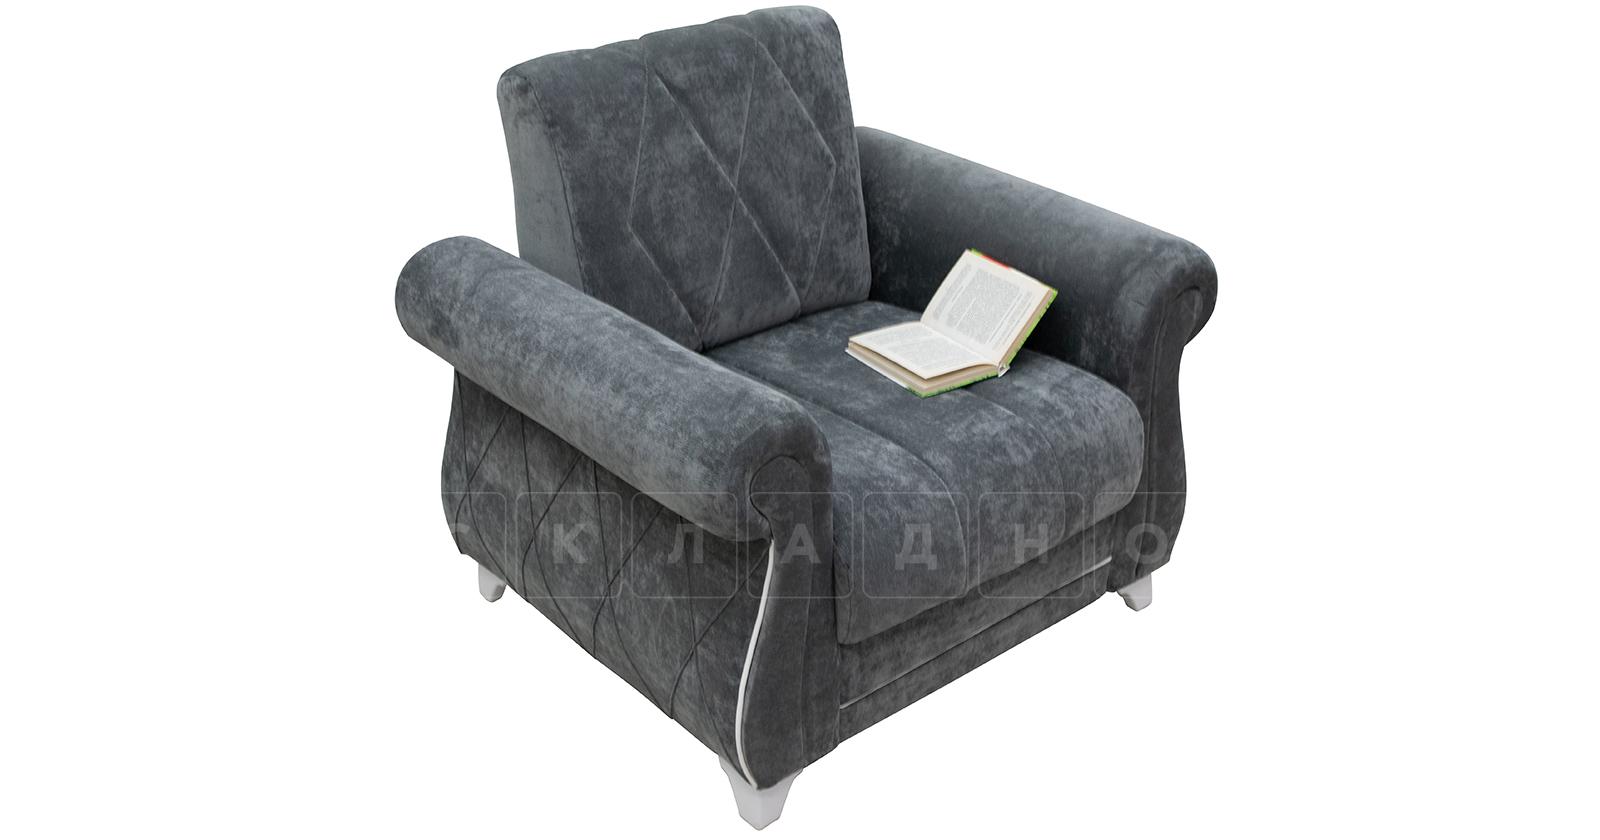 Кресло для отдыха Роза стальной серый фото 5 | интернет-магазин Складно